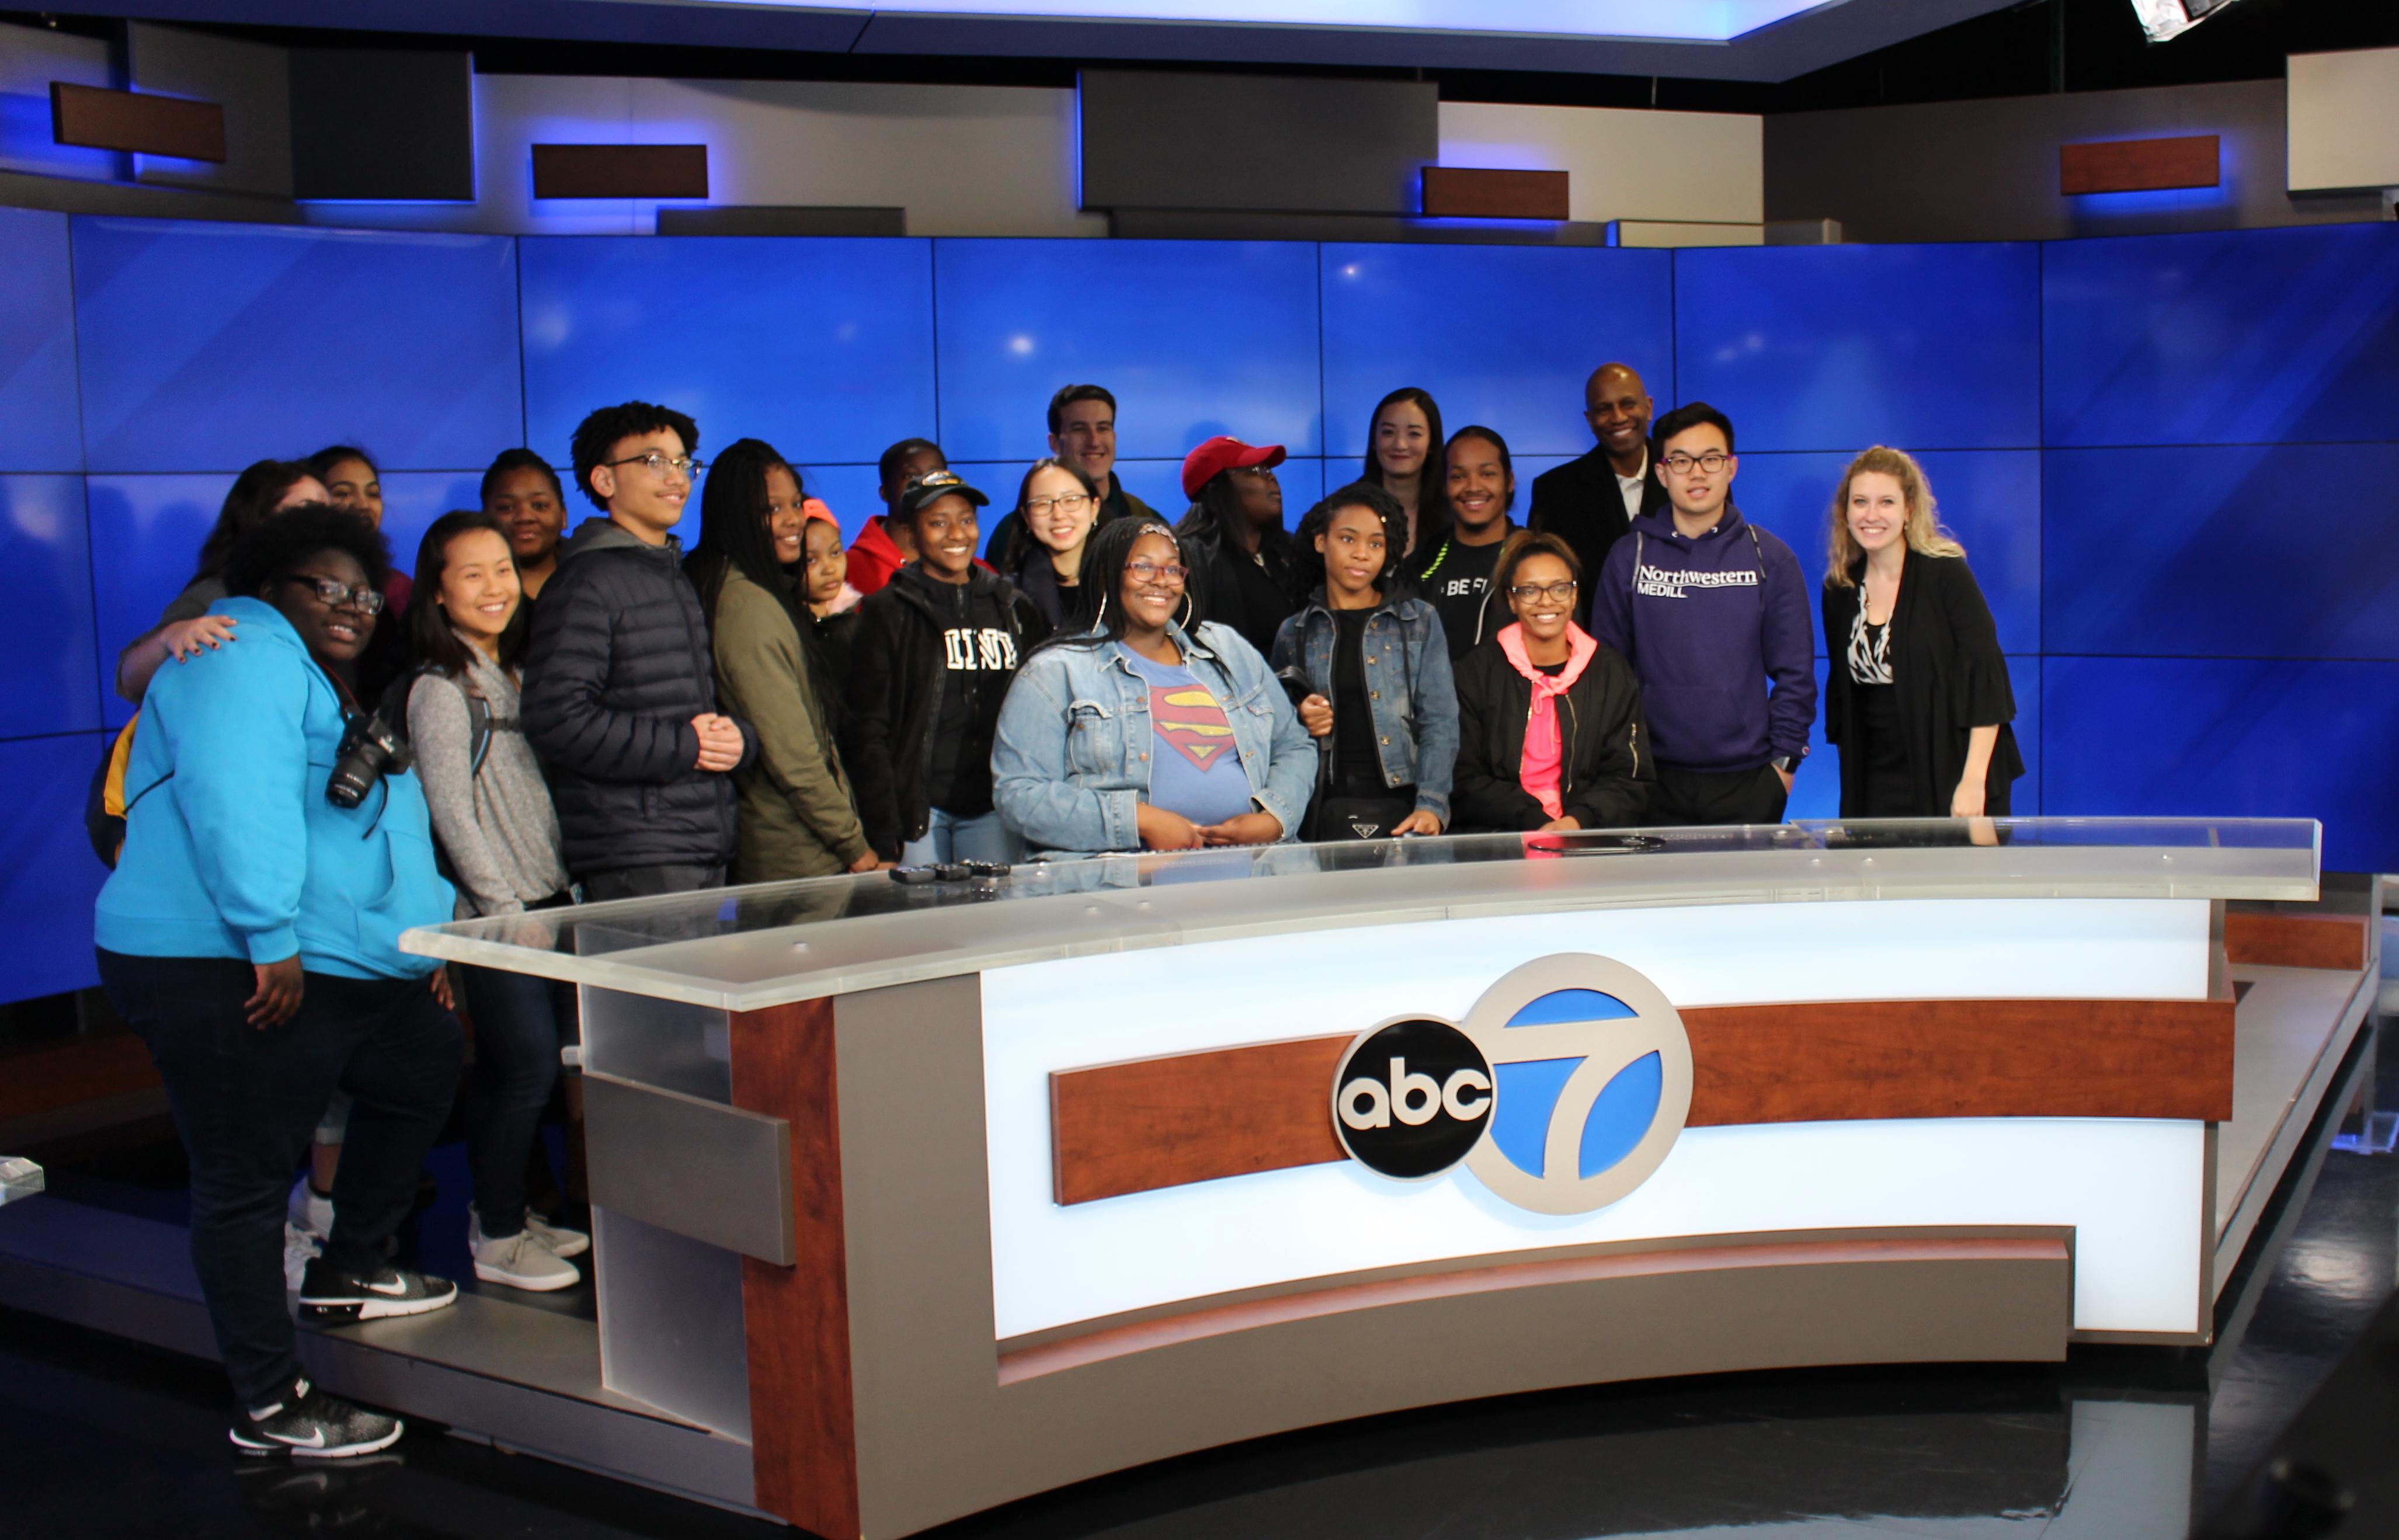 Medill Media Teens